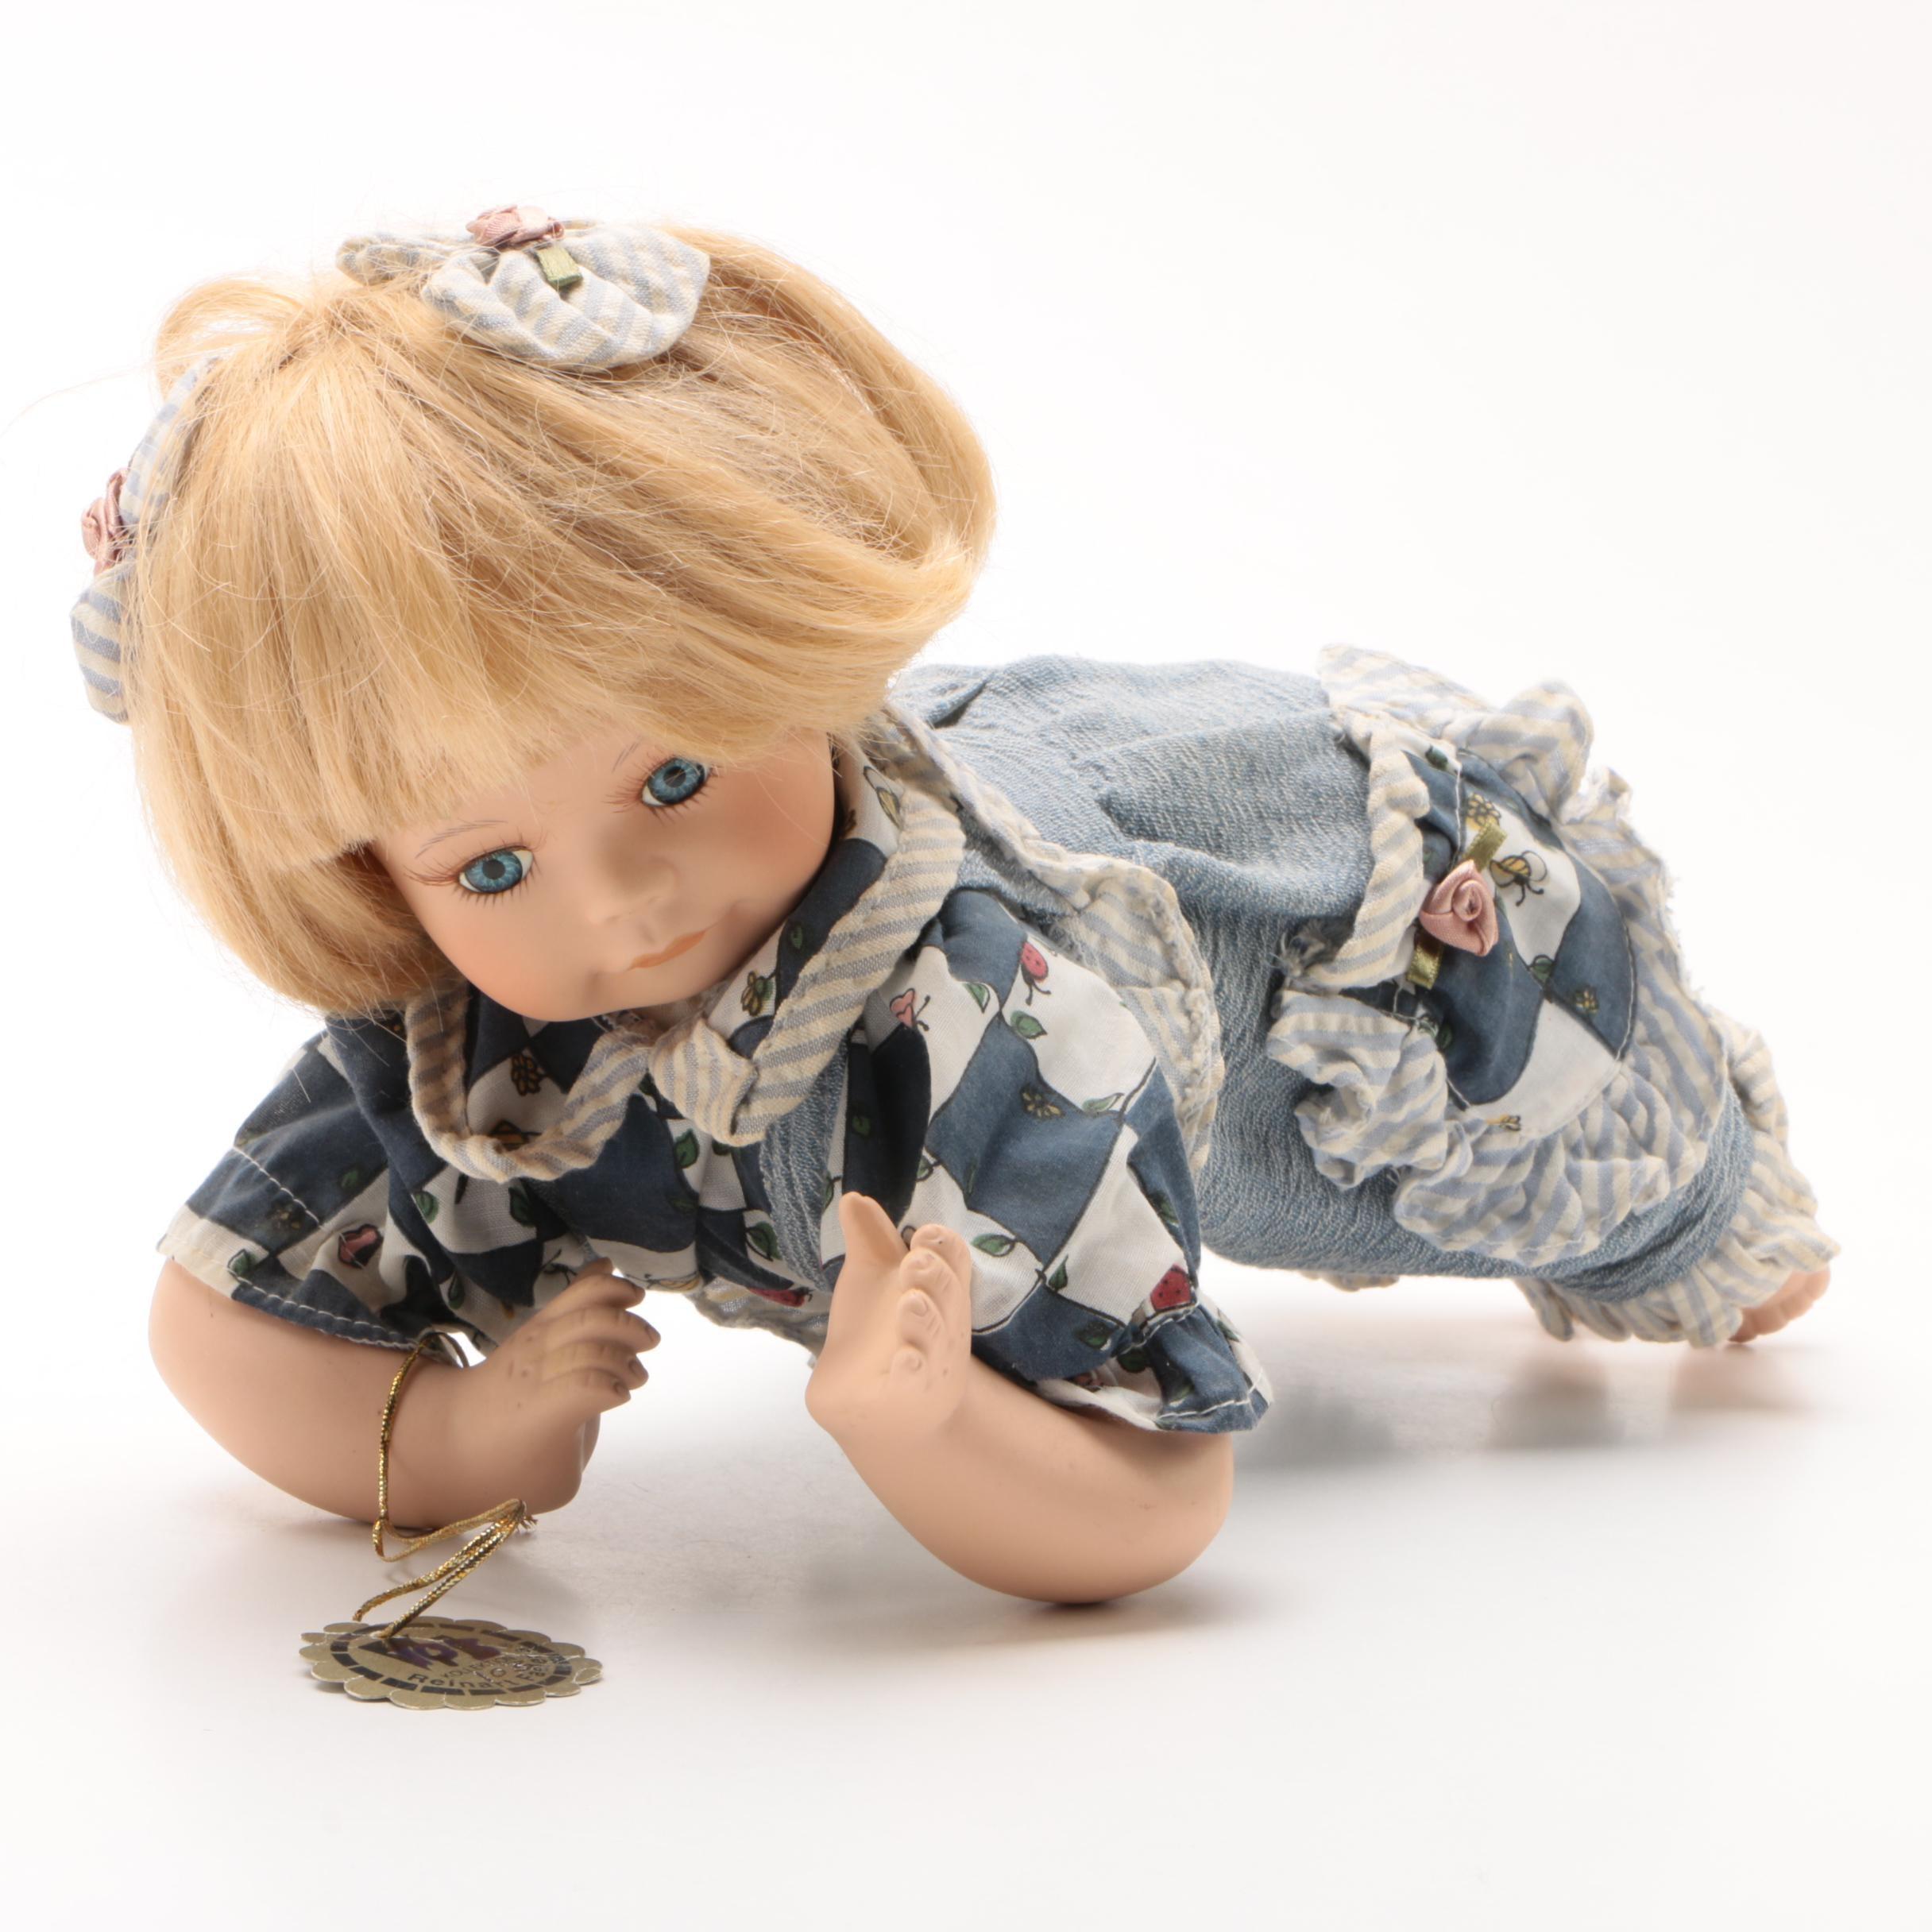 Reinart Faelens Porcelain Baby Doll